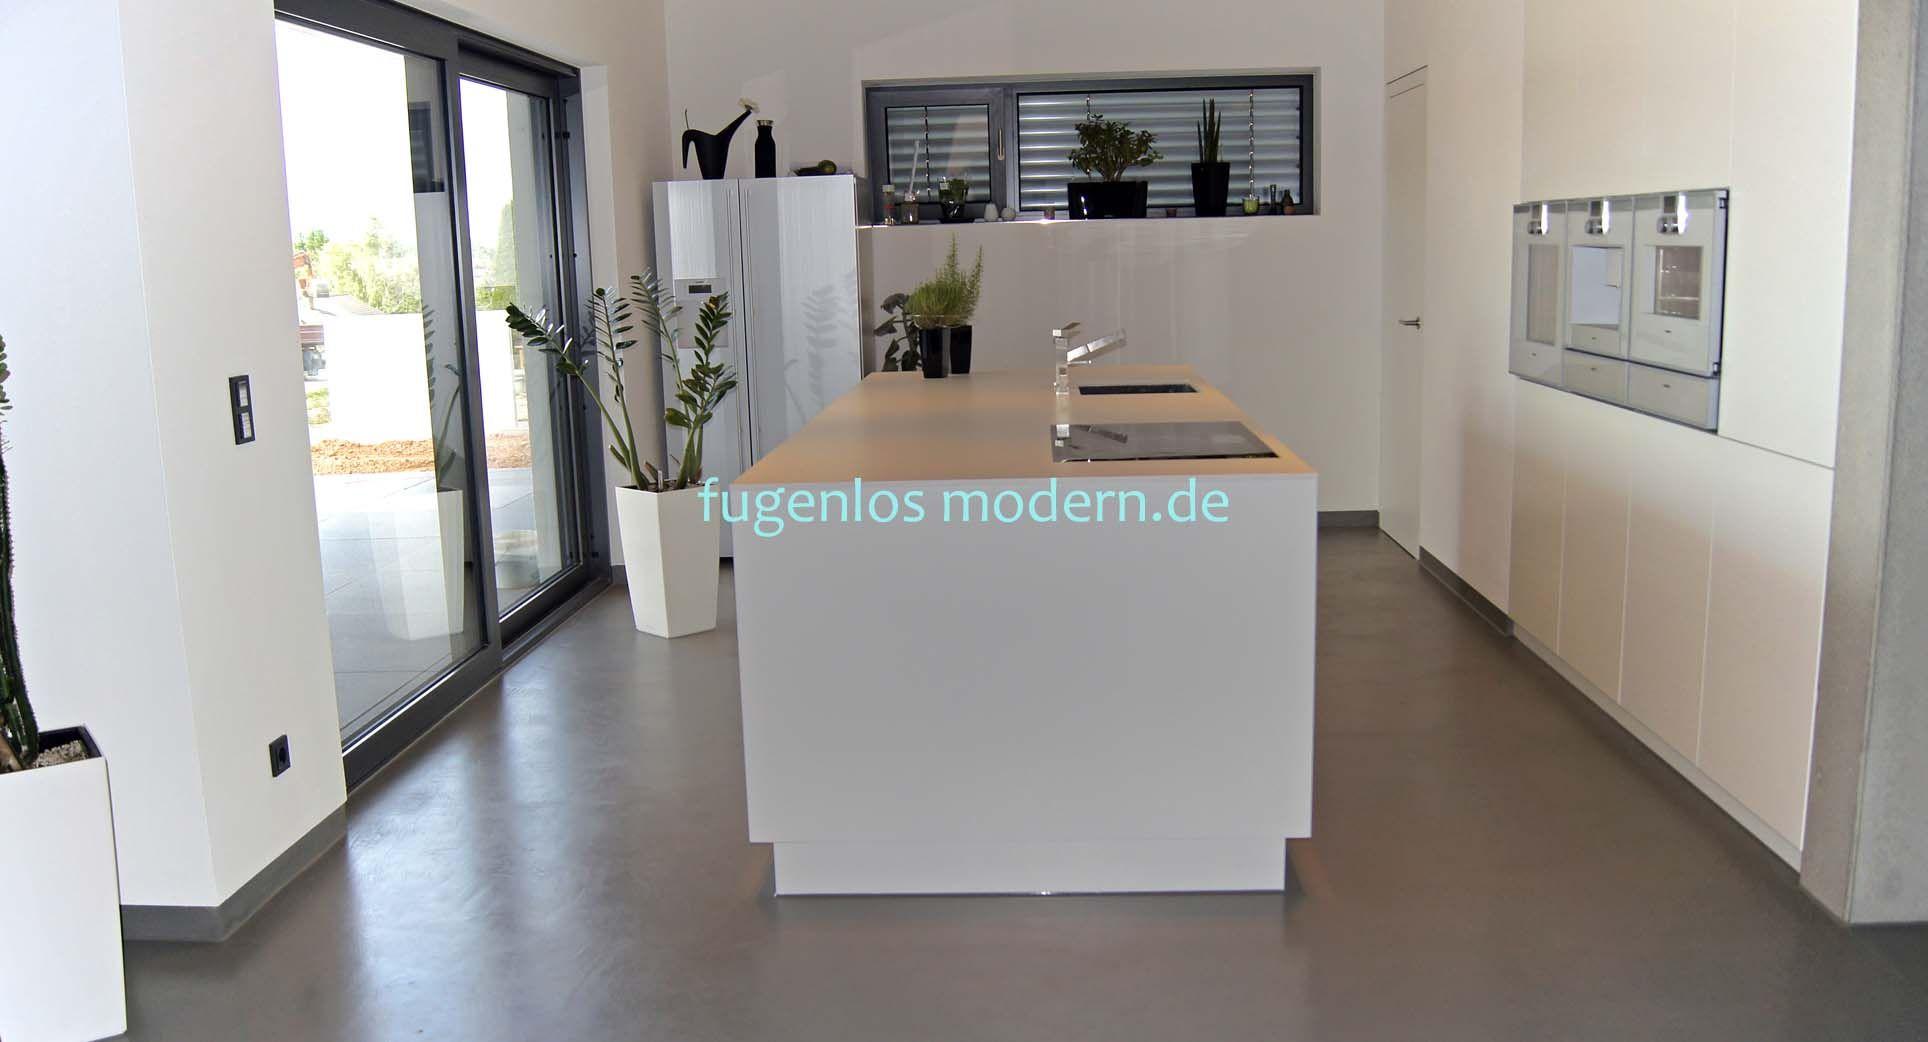 Bodenbelag kuche modern - Pvc wandfliesen kuche ...